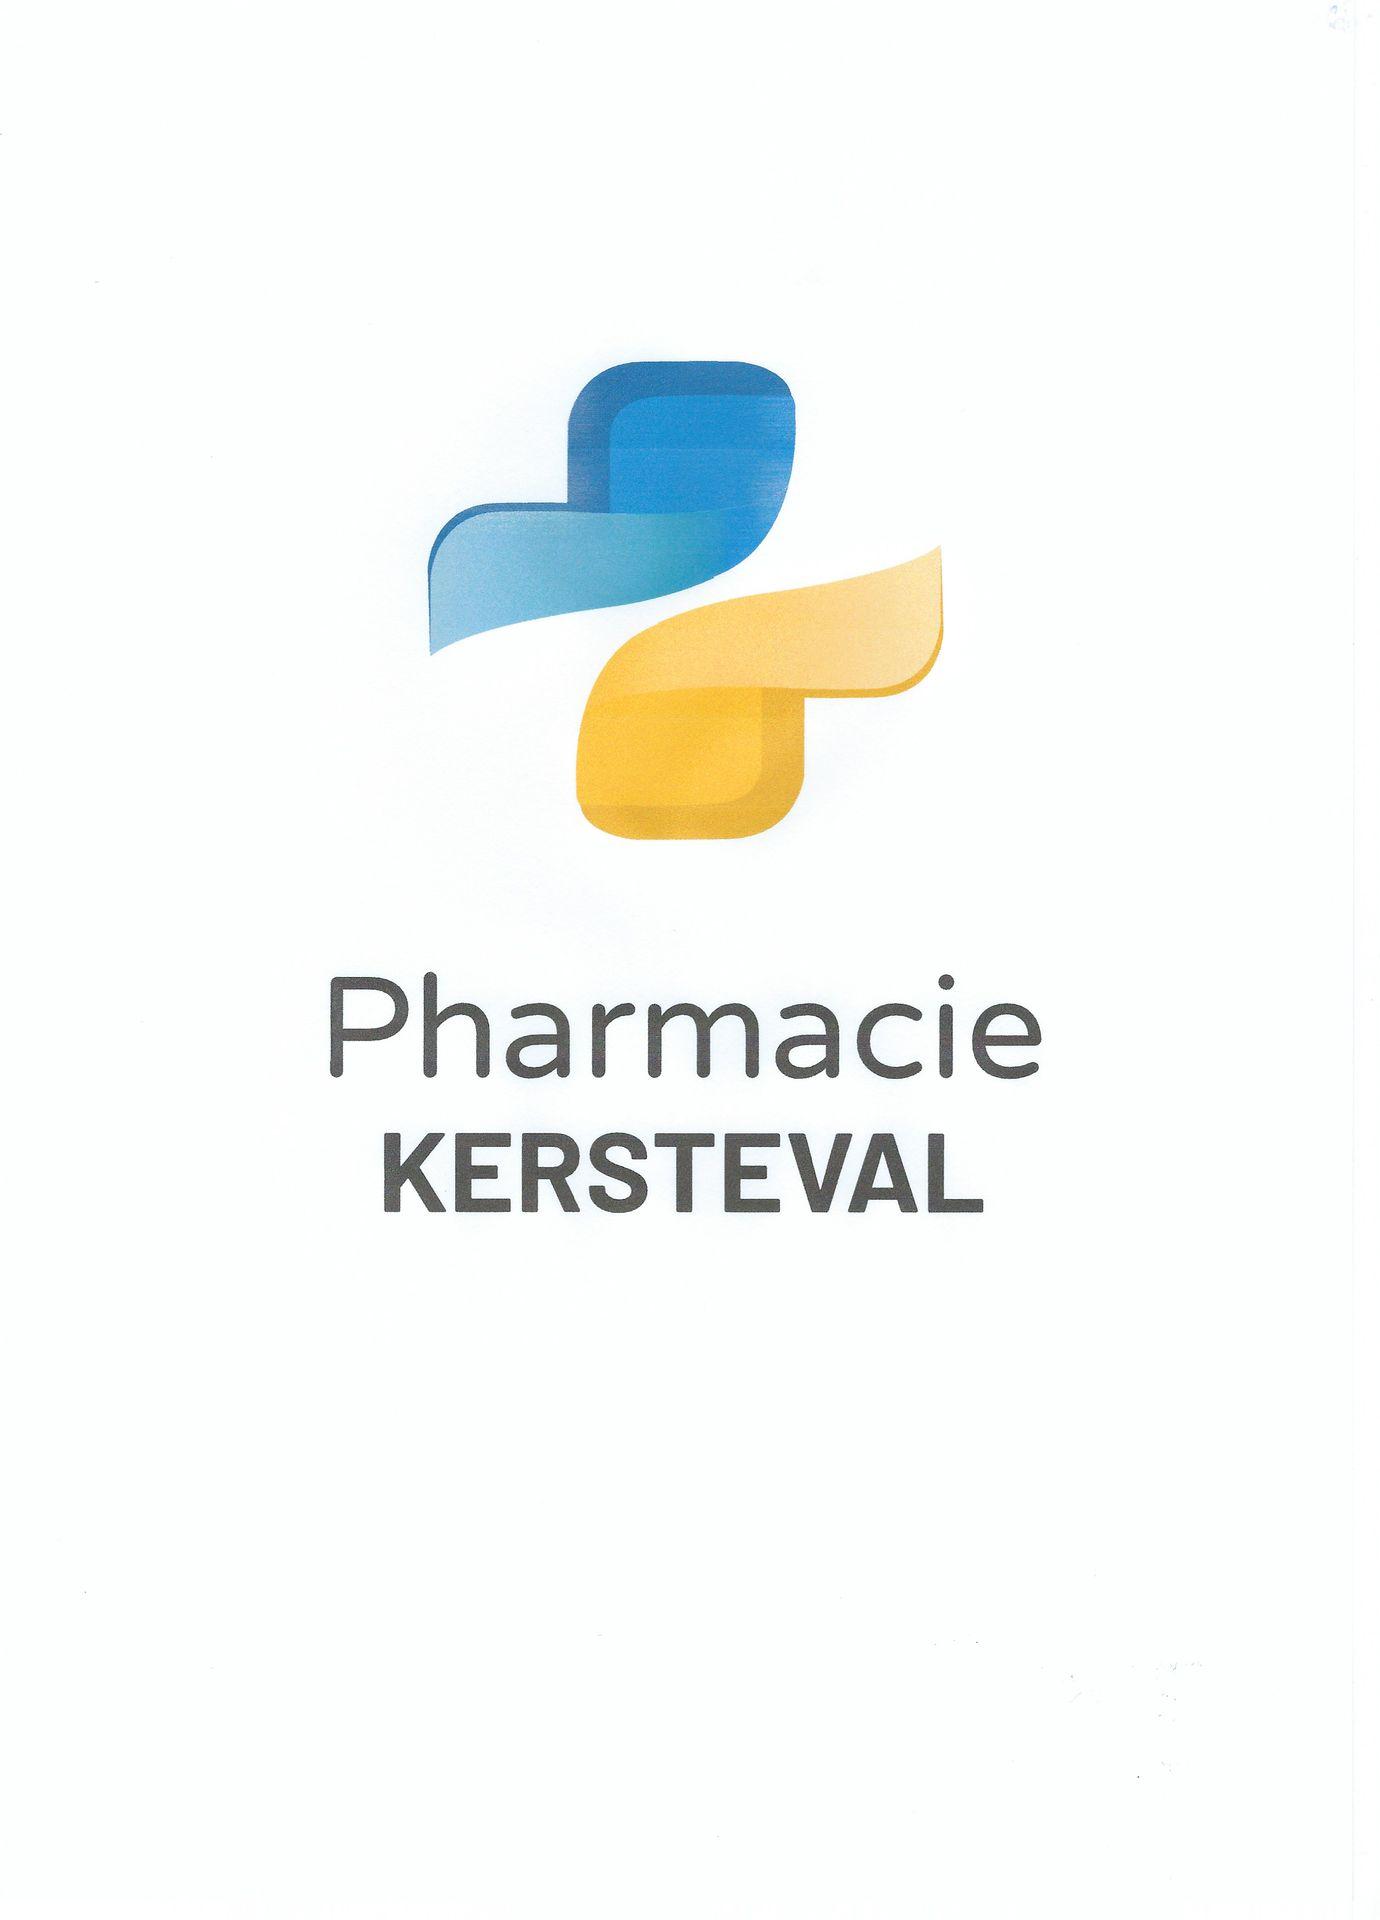 Logo Pharmacie Kersteval